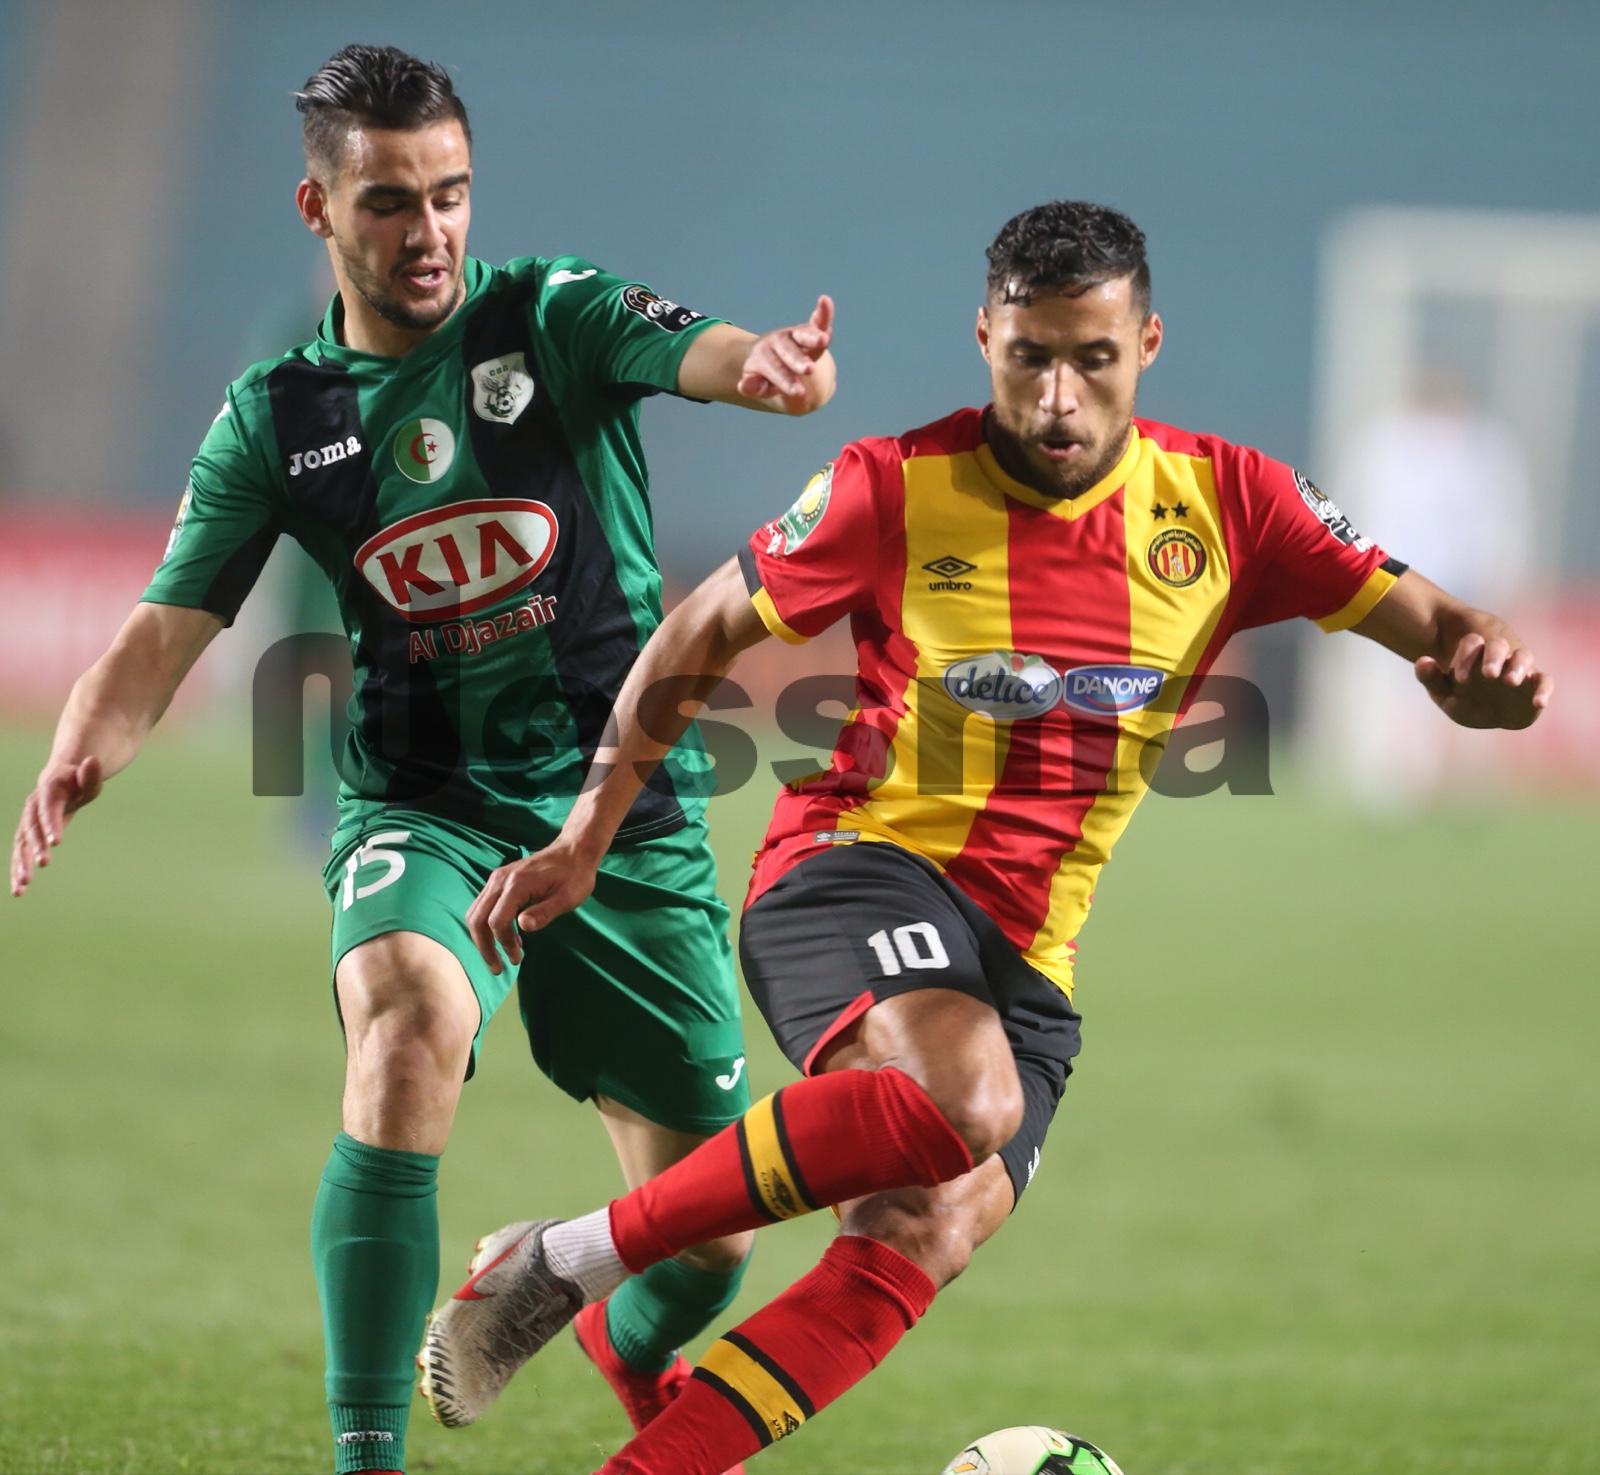 صور الشوط الثاني من مباراة الترجي الرياضي التونسي و شباب قسنطينة